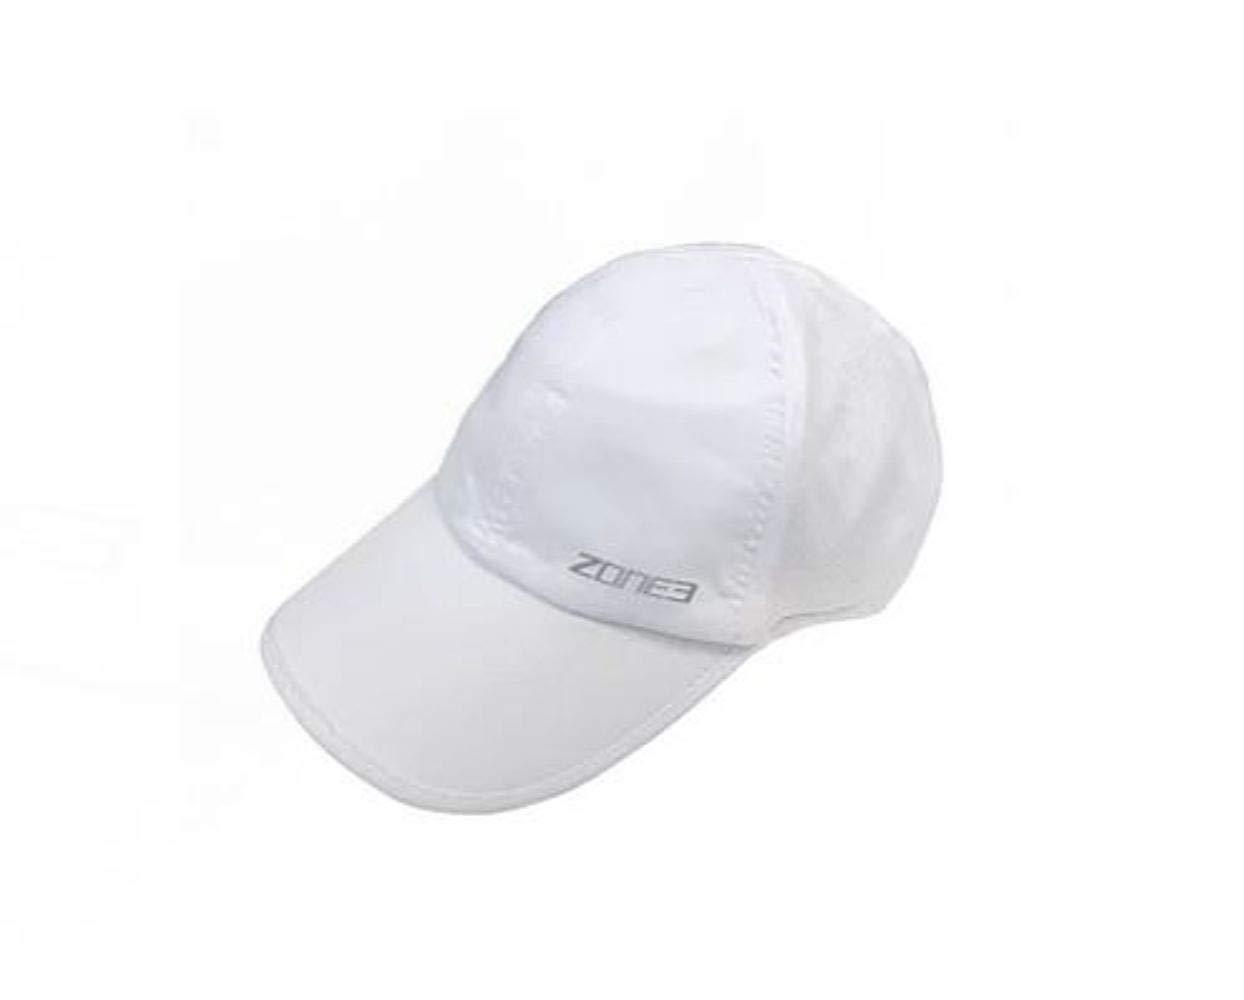 6dde419572e22c White/Silver Zone3 Lightweight HAT White/Silver-Black/Silver